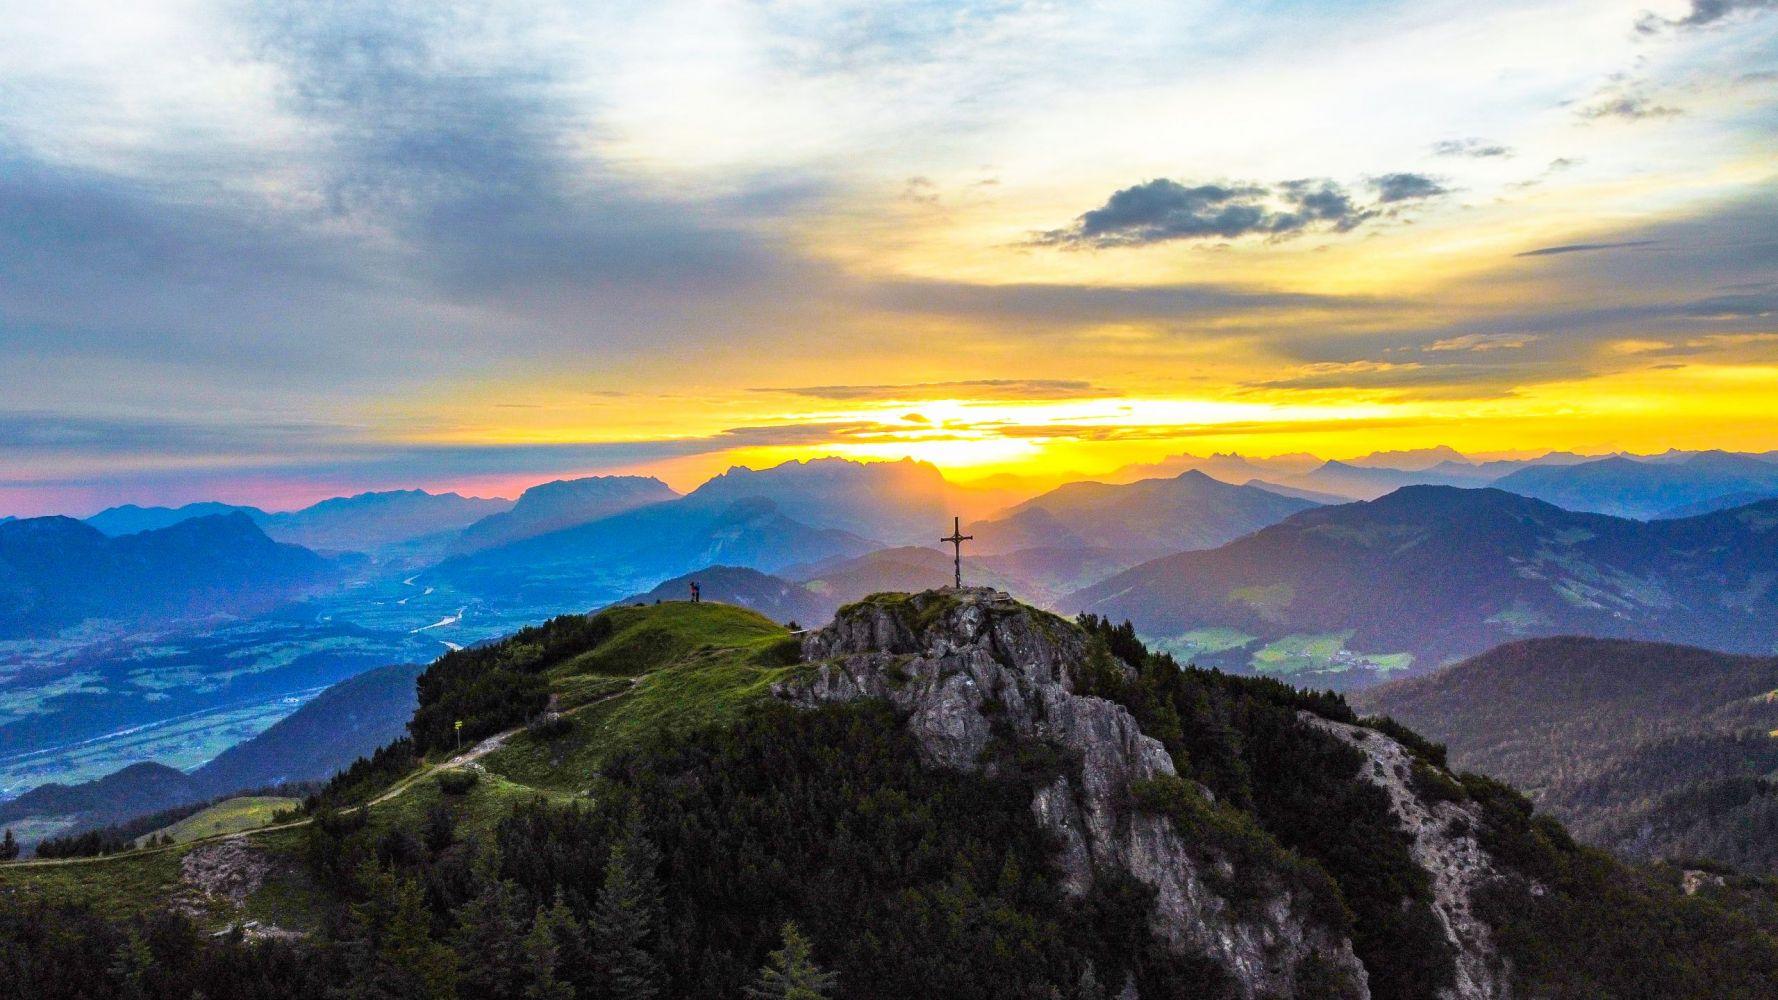 #3 Sonnenaufgang auf der Gratlspitze